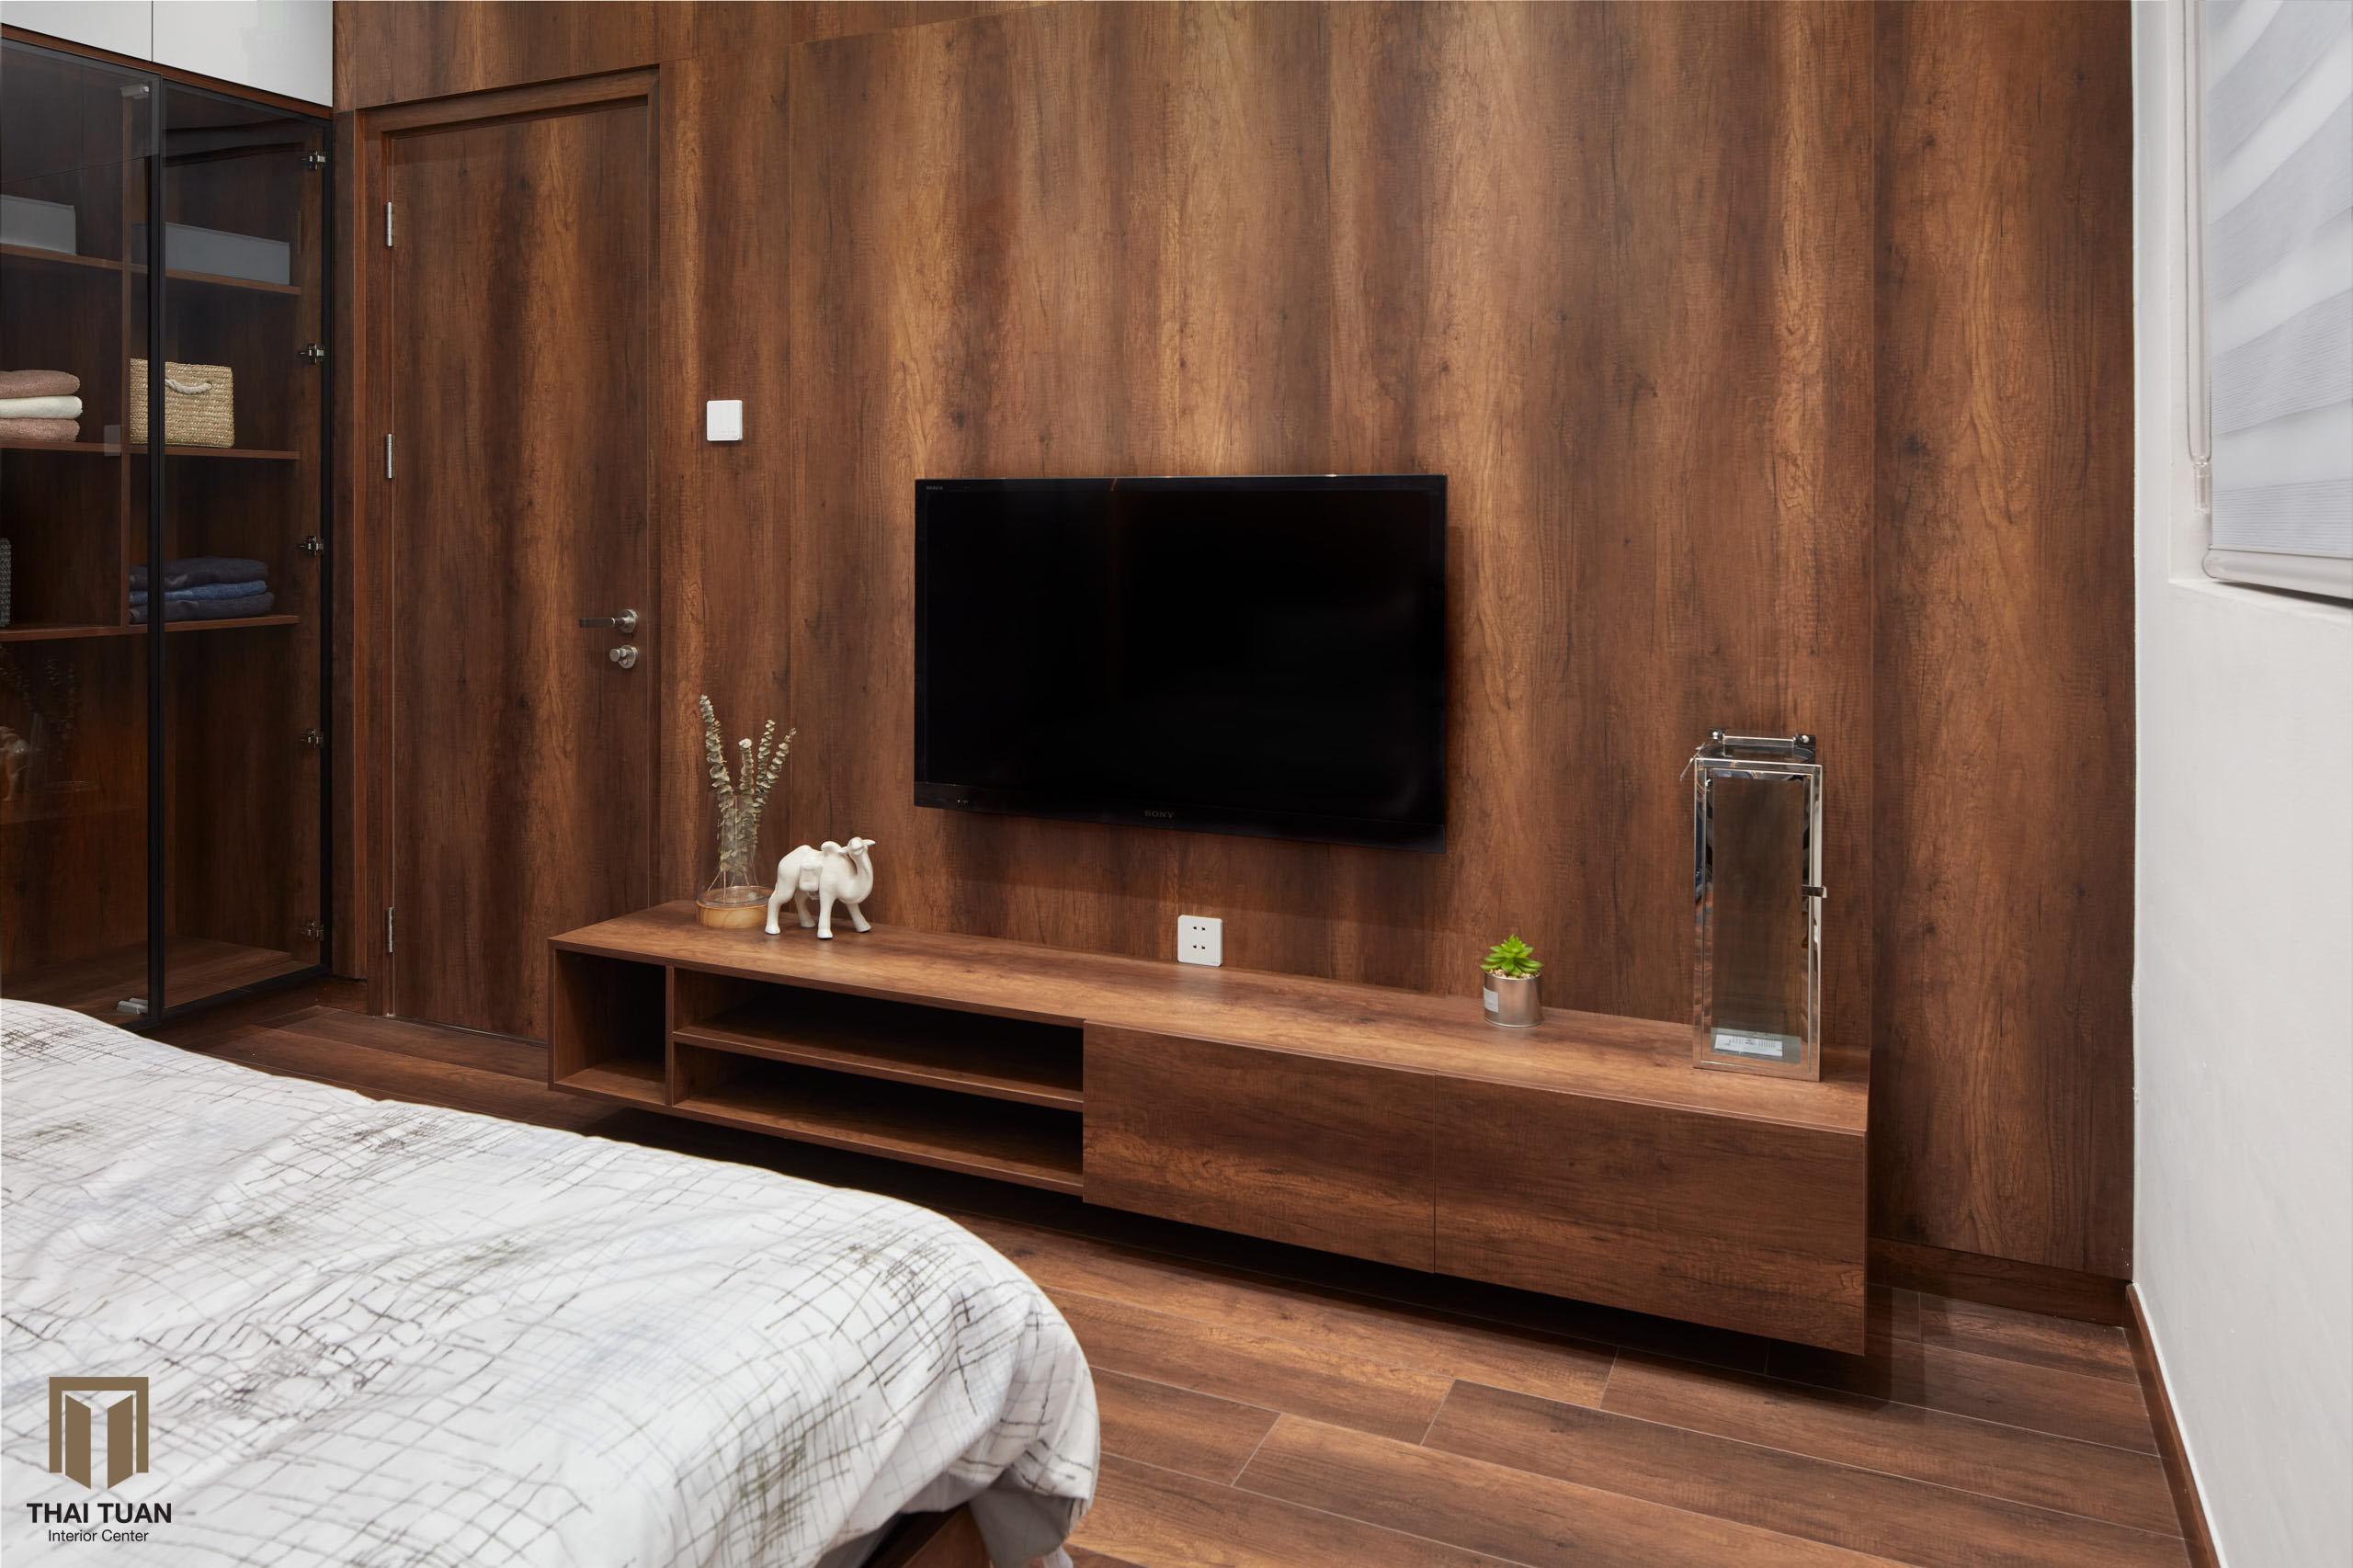 Phòng ngủ ấm cúng nhờ sự đồng bộ của nội thất gỗ công nghiệp